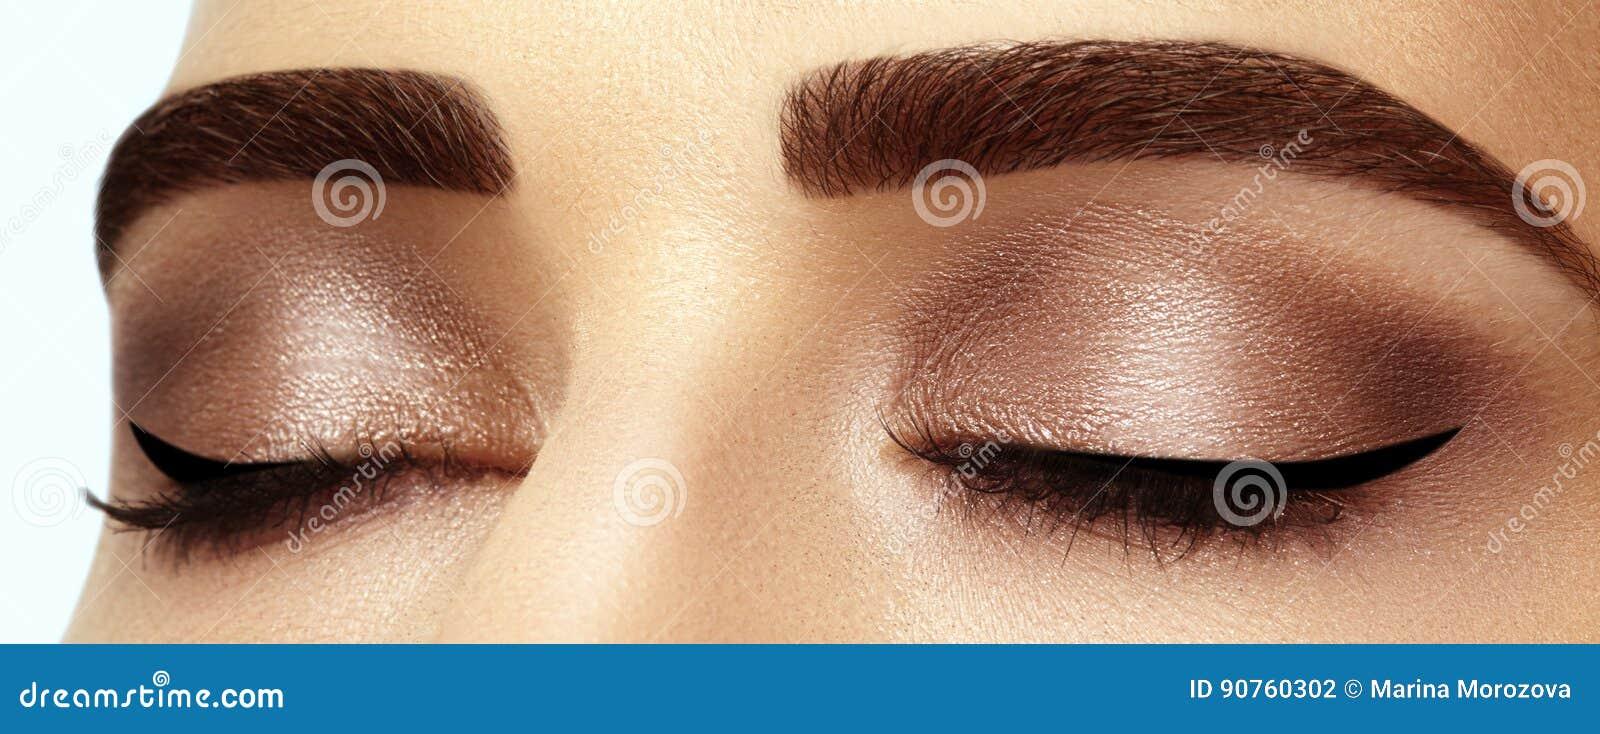 Forma perfetta delle sopracciglia, degli ombretti marroni e dei cigli lunghi Macro colpo del primo piano di volto fumoso degli oc